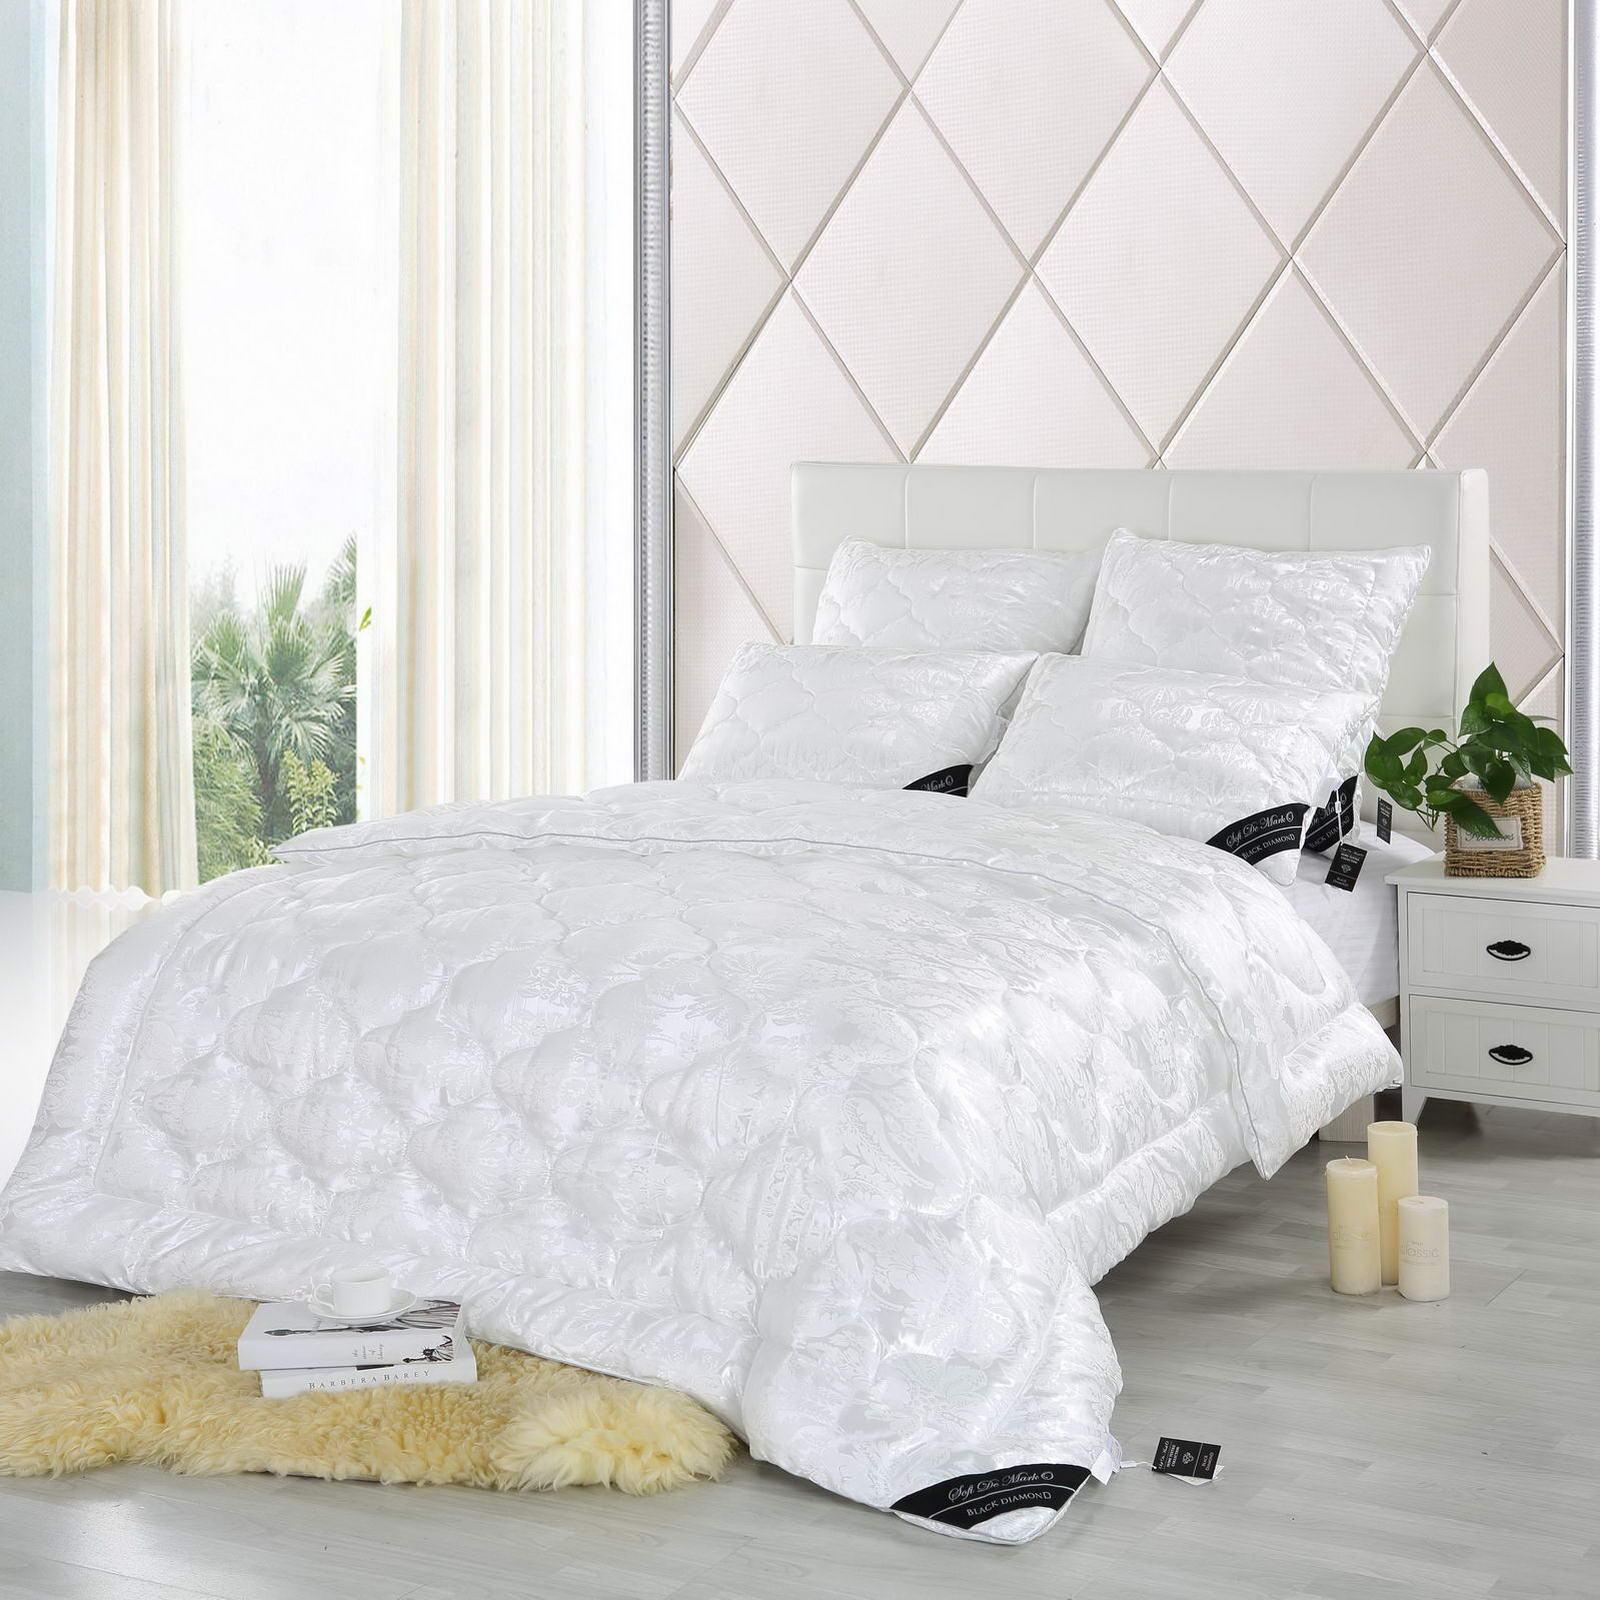 Одеяло Sofi de Marko Black Diamond, белый